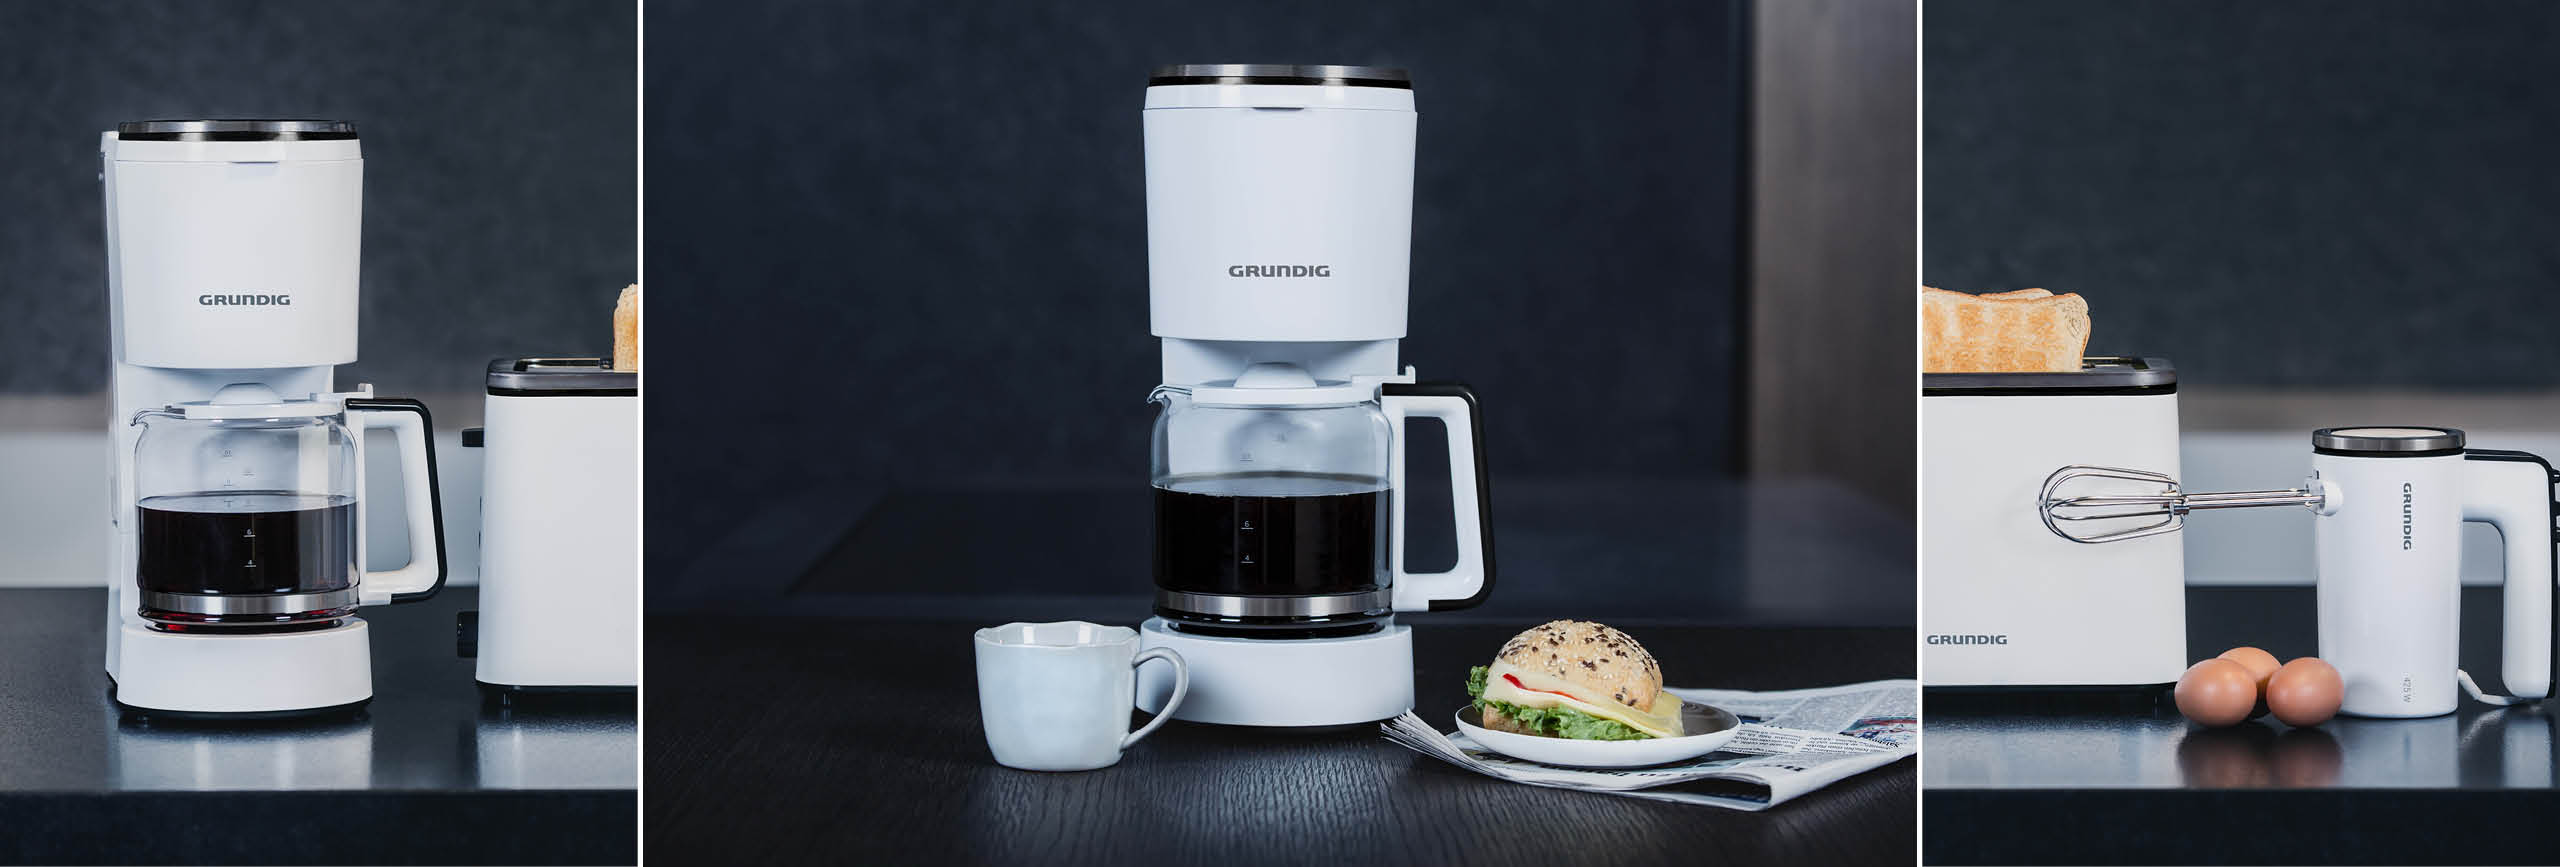 Kaffeemaschine KM 5860 von Grundig